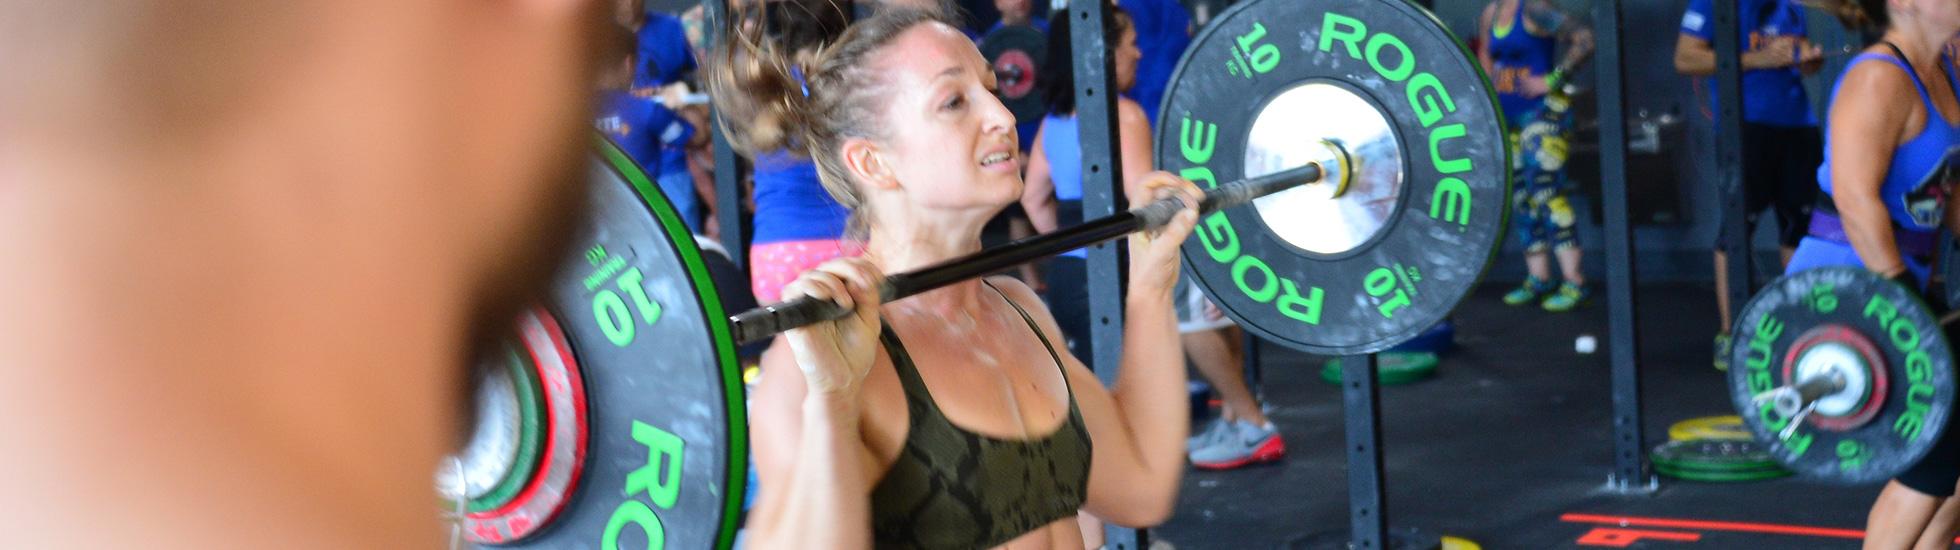 Drop In At CrossFit 646